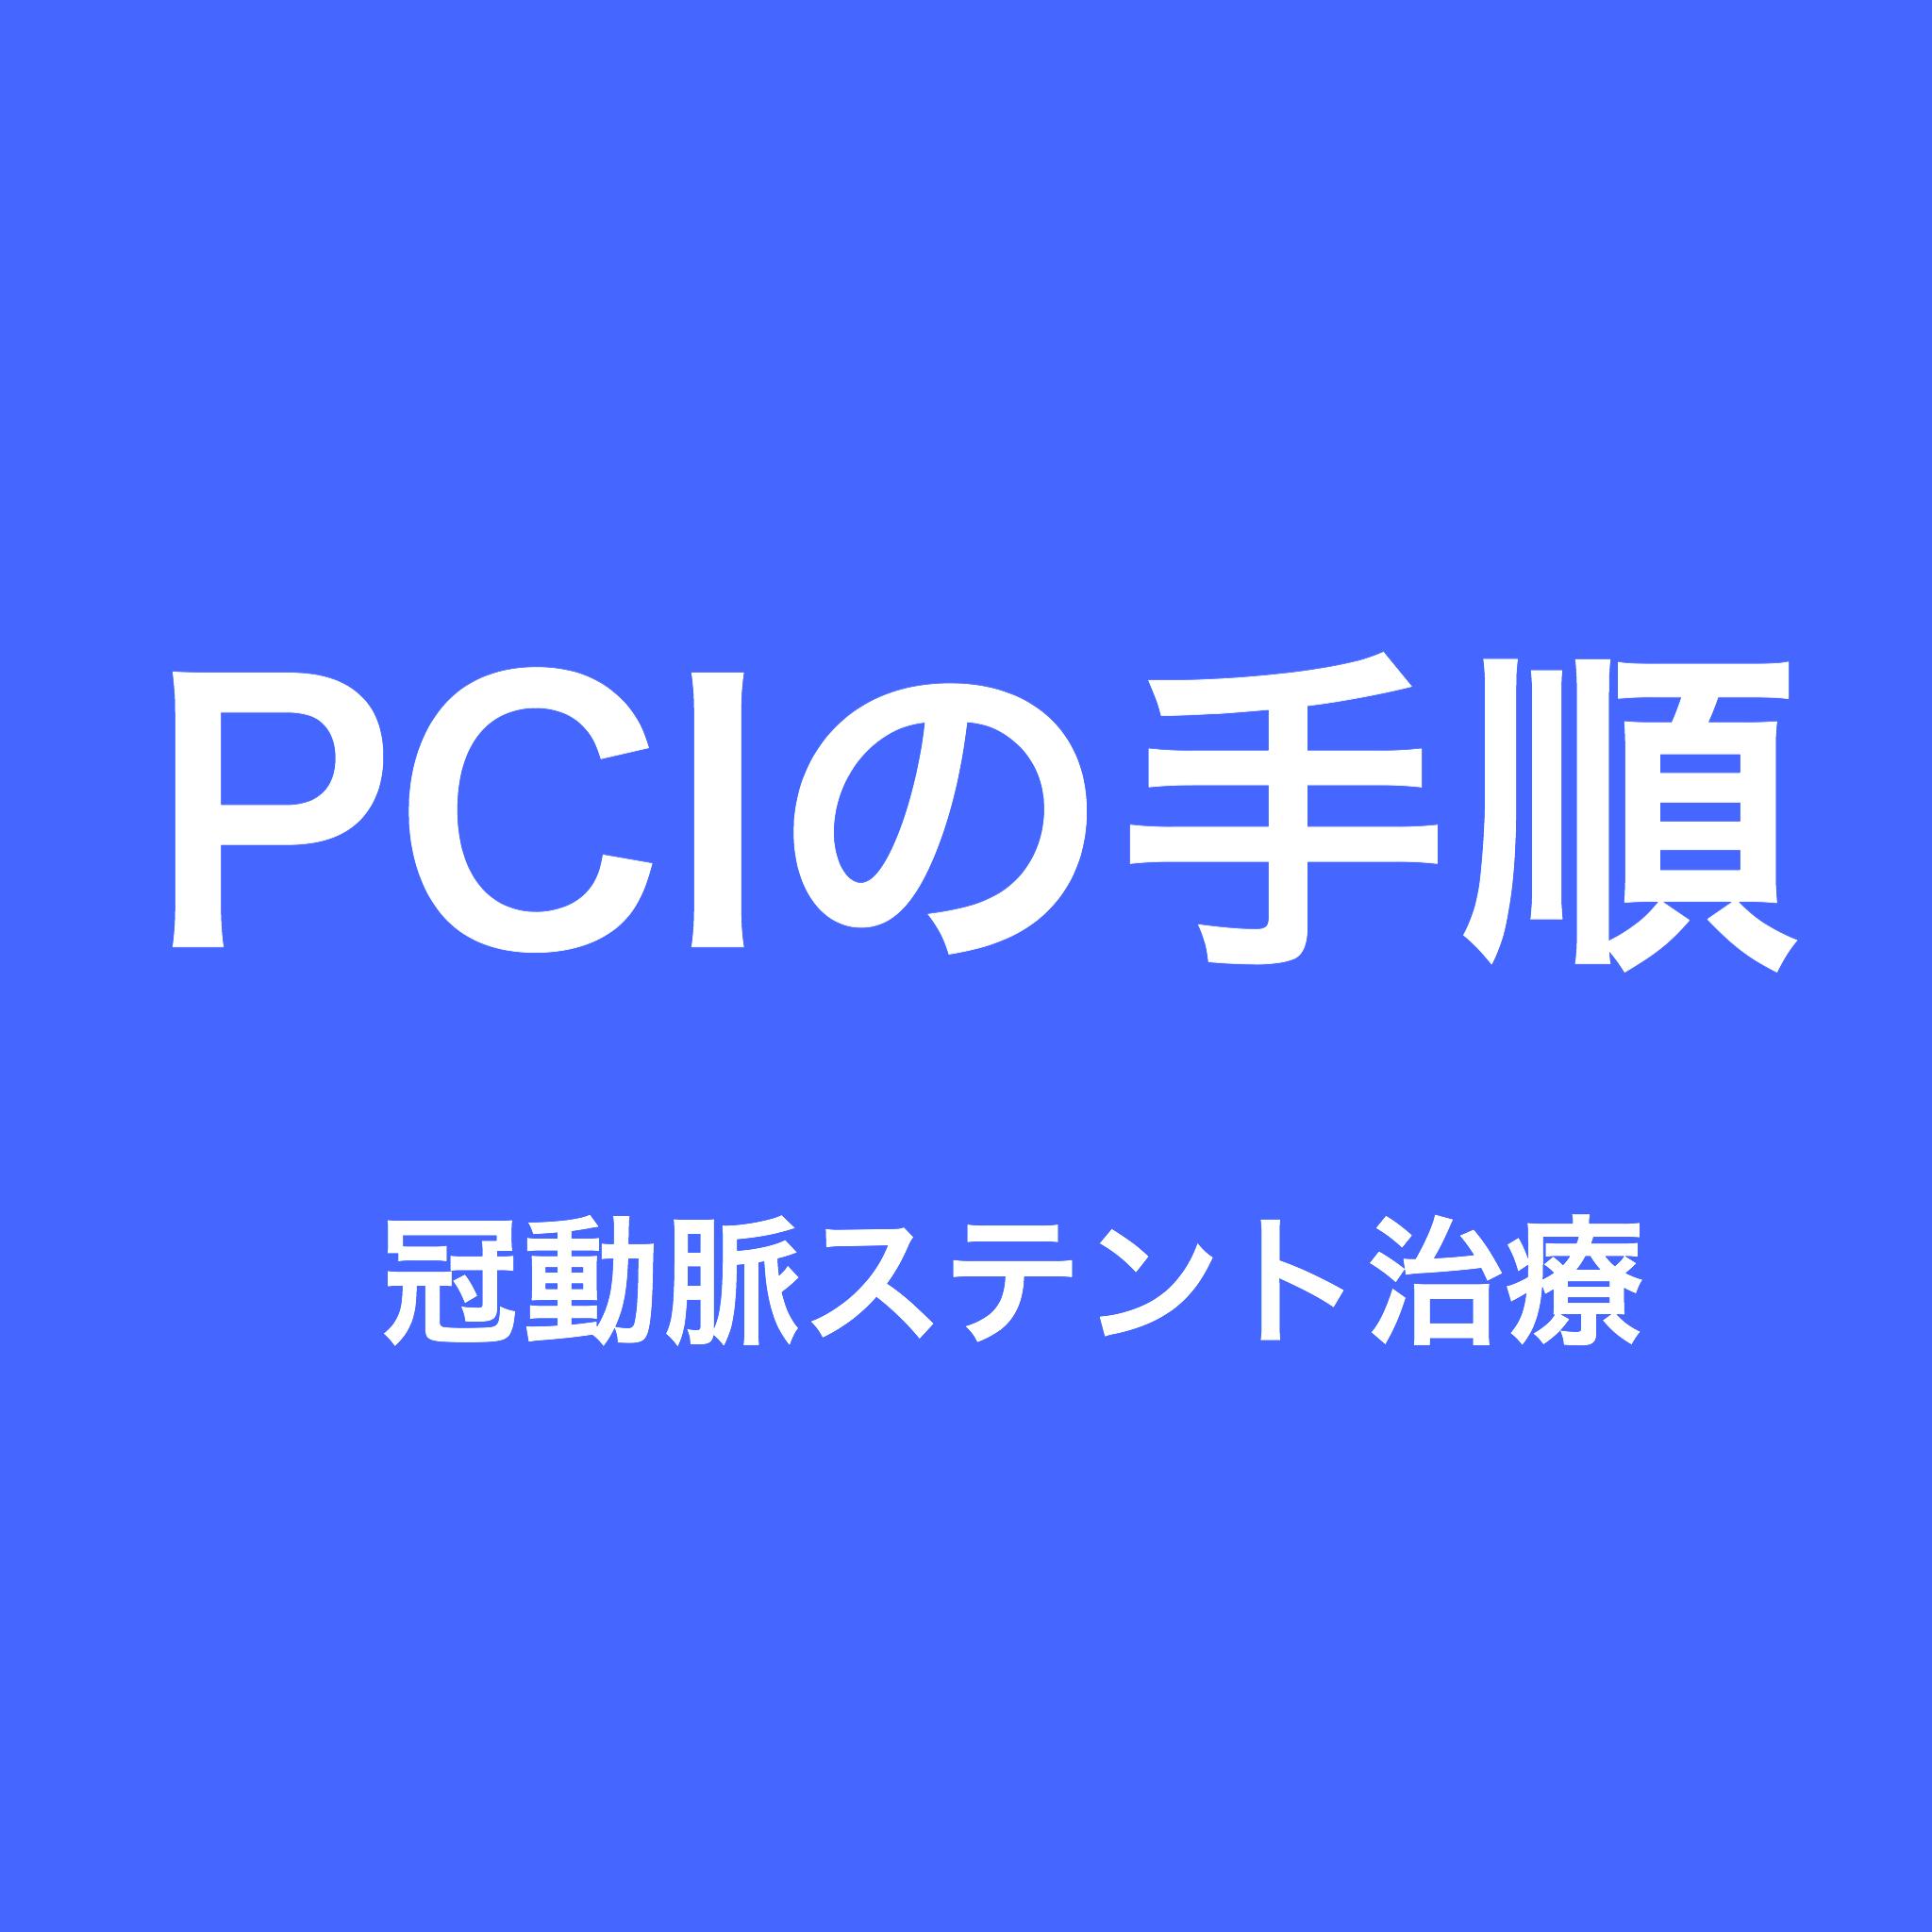 PCIの手順